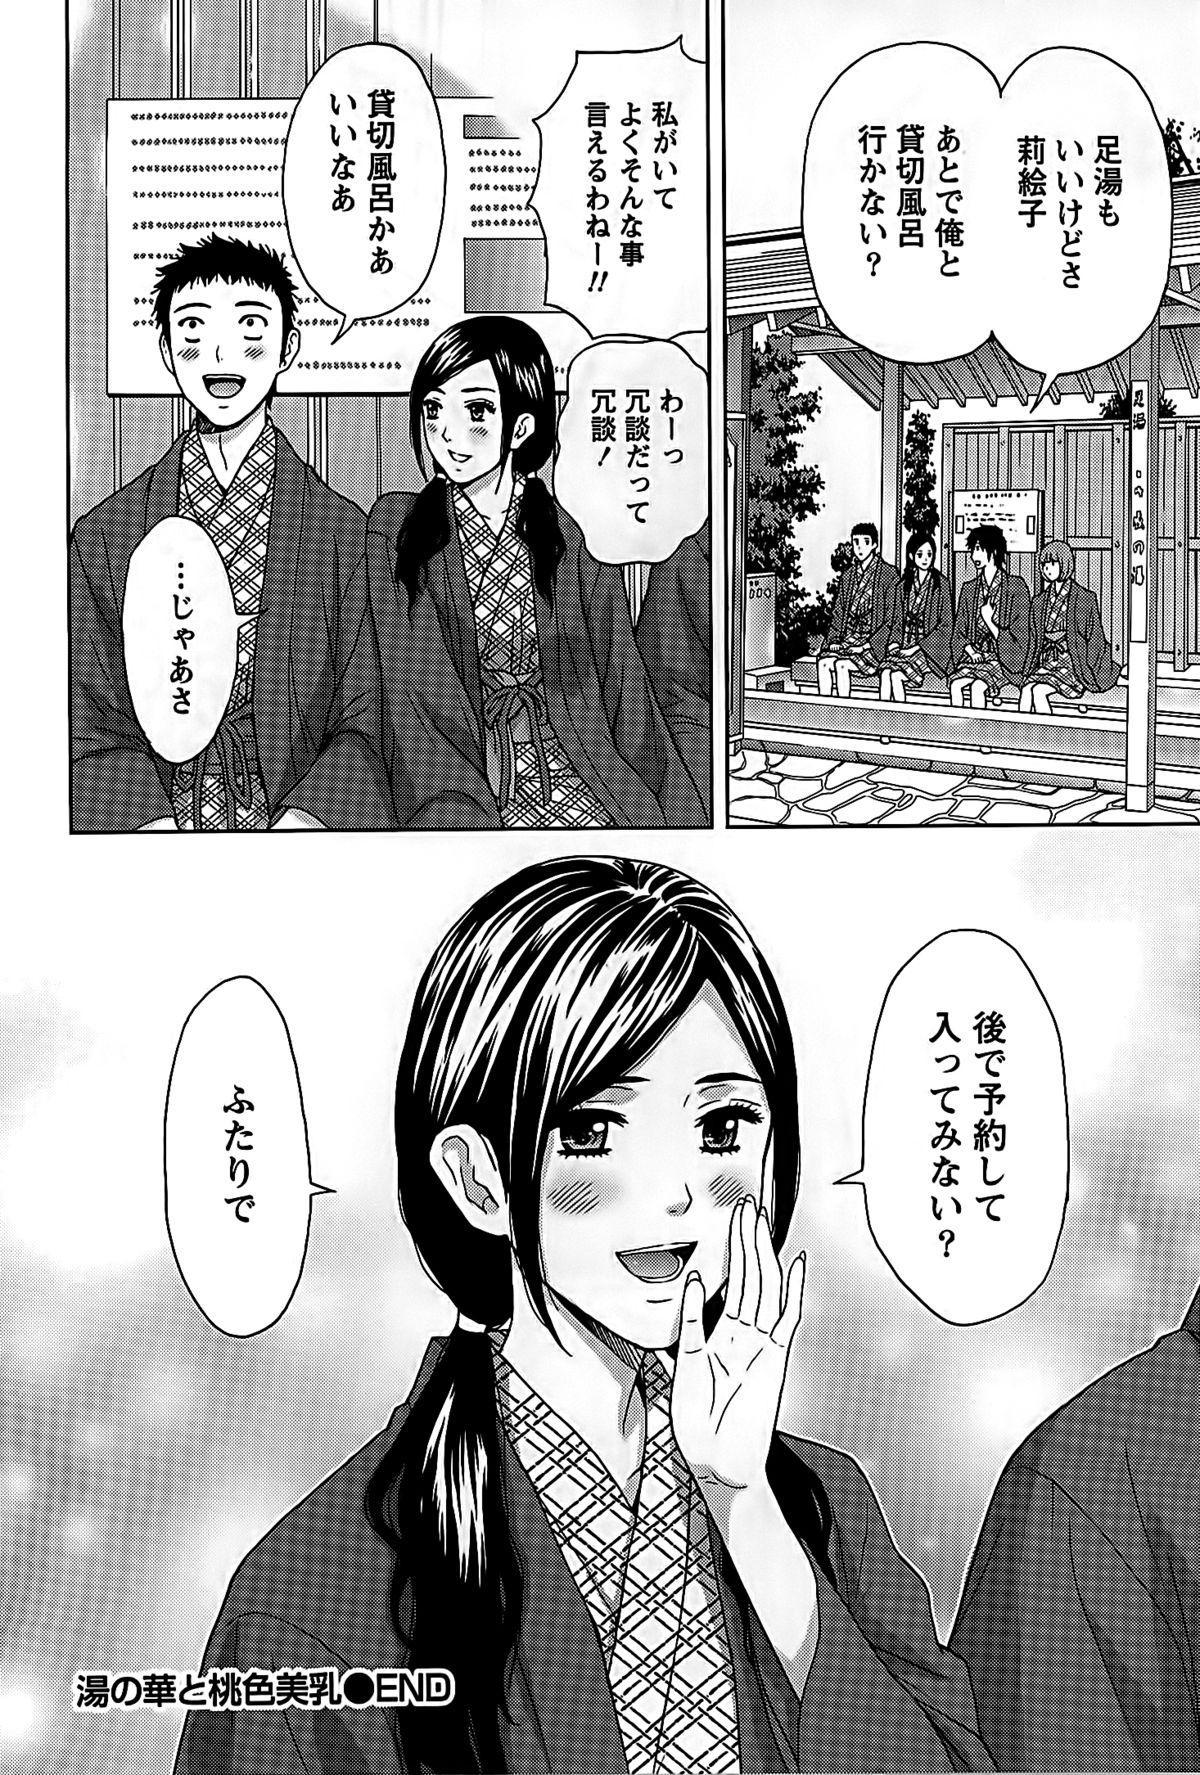 Shittori Lady to Amai Mitsu 168